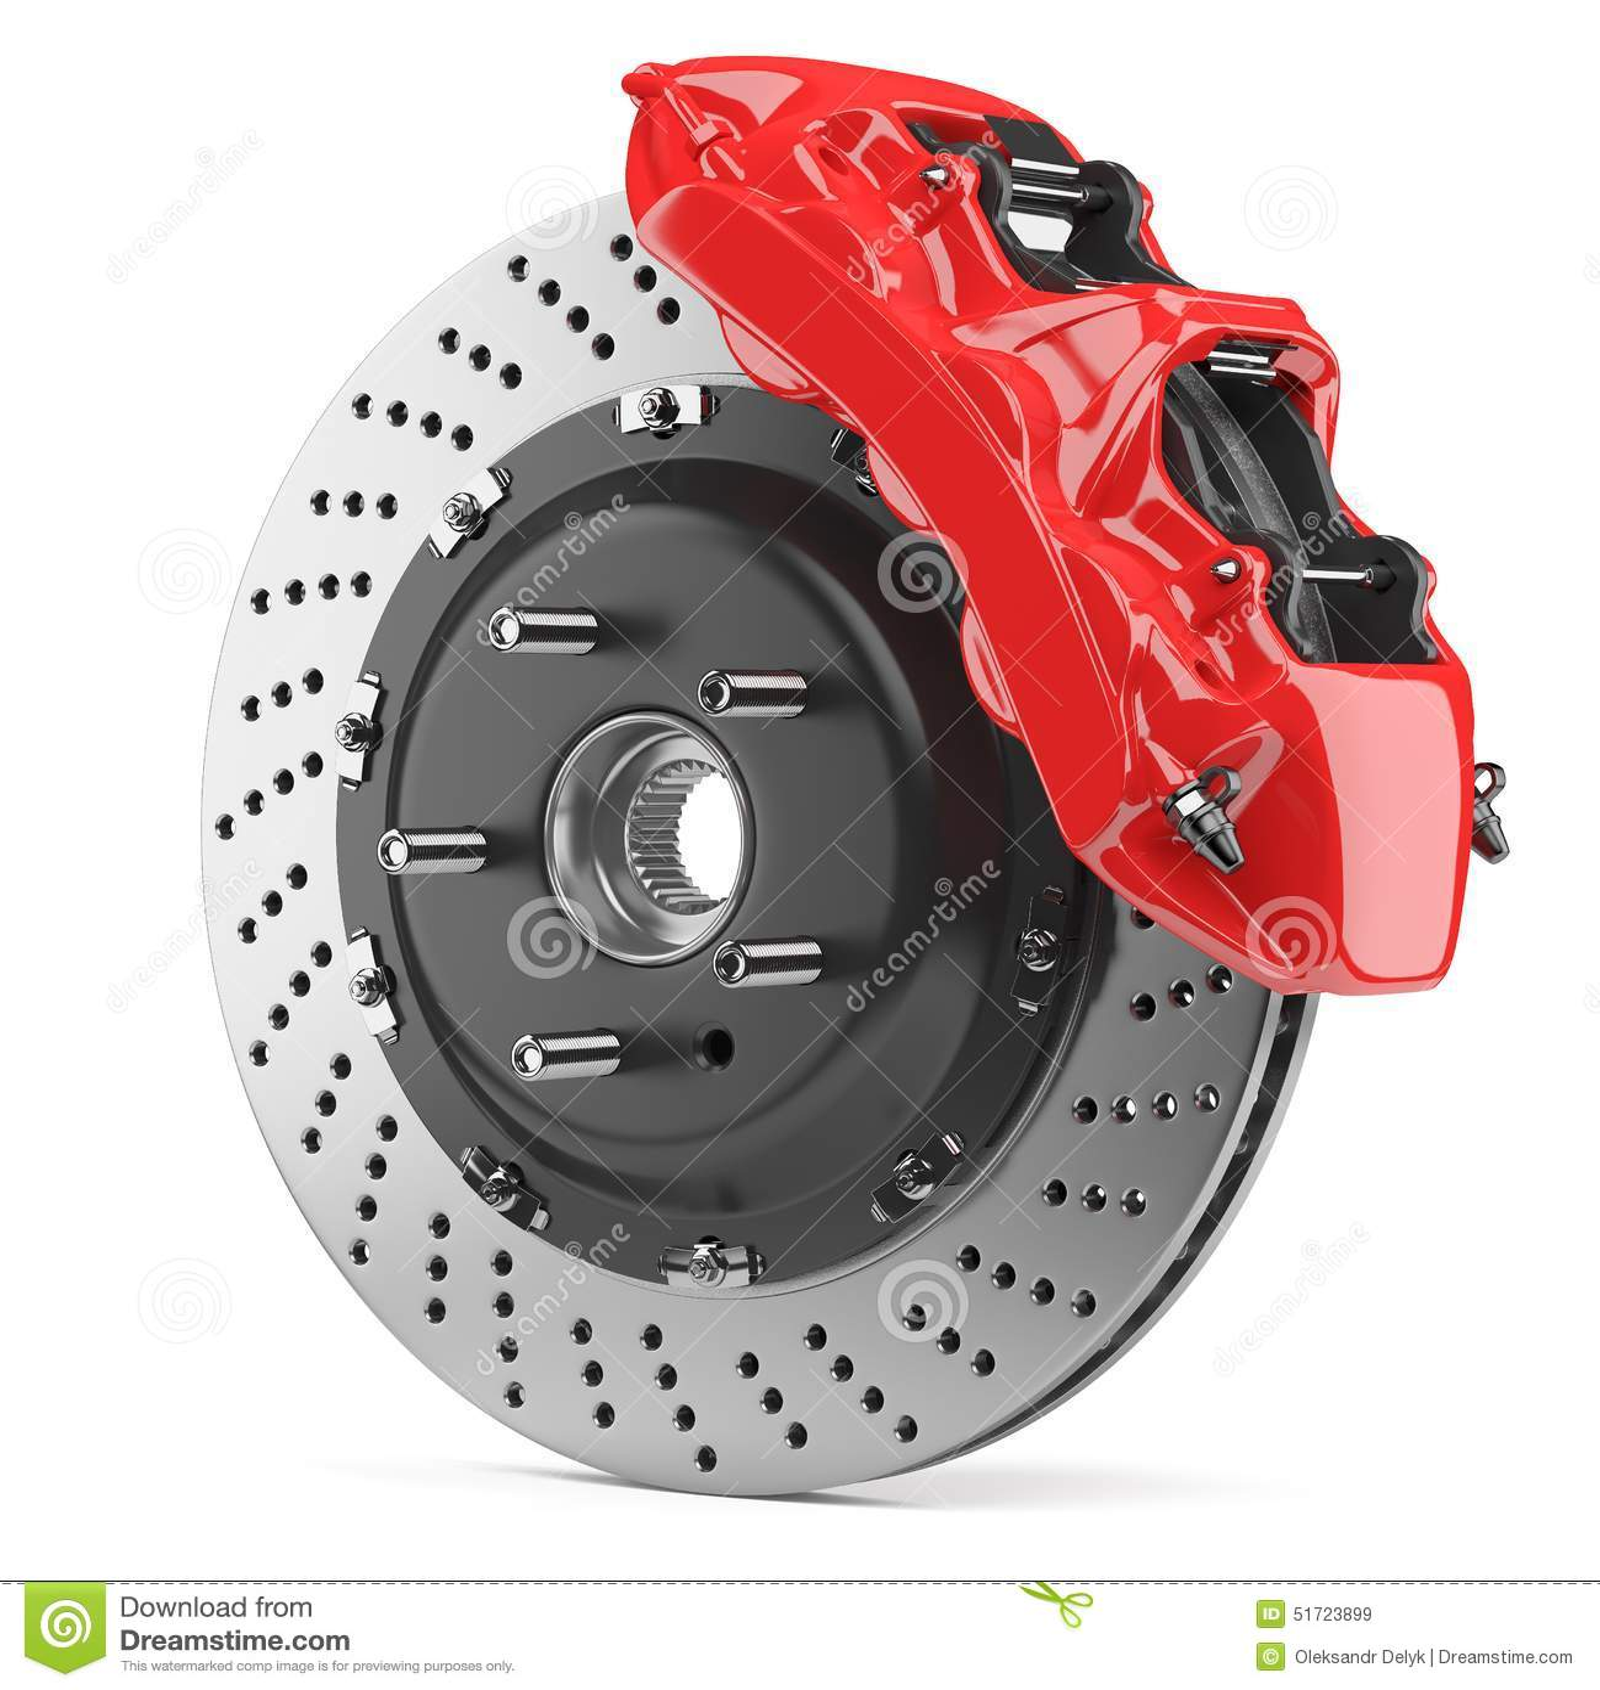 automobile brake disk and red caliper stock illustration illustration 51723899. Black Bedroom Furniture Sets. Home Design Ideas